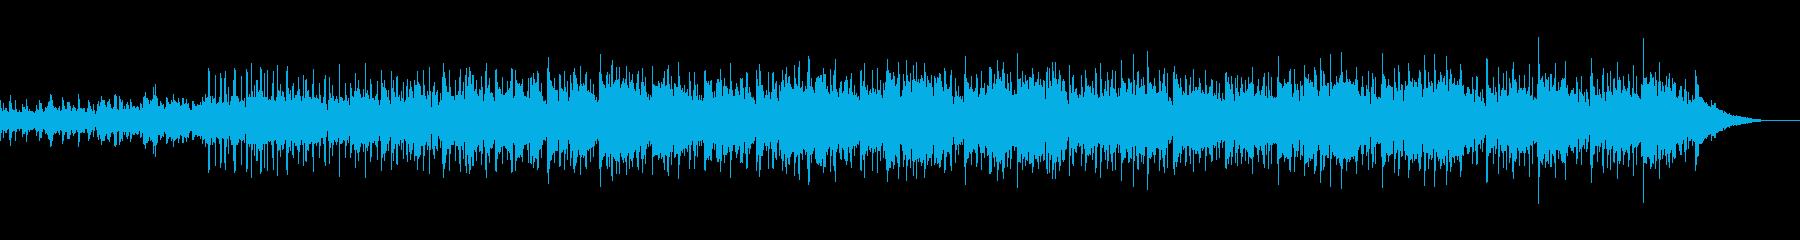 ライブ配信のテーマ曲としてBGMの再生済みの波形